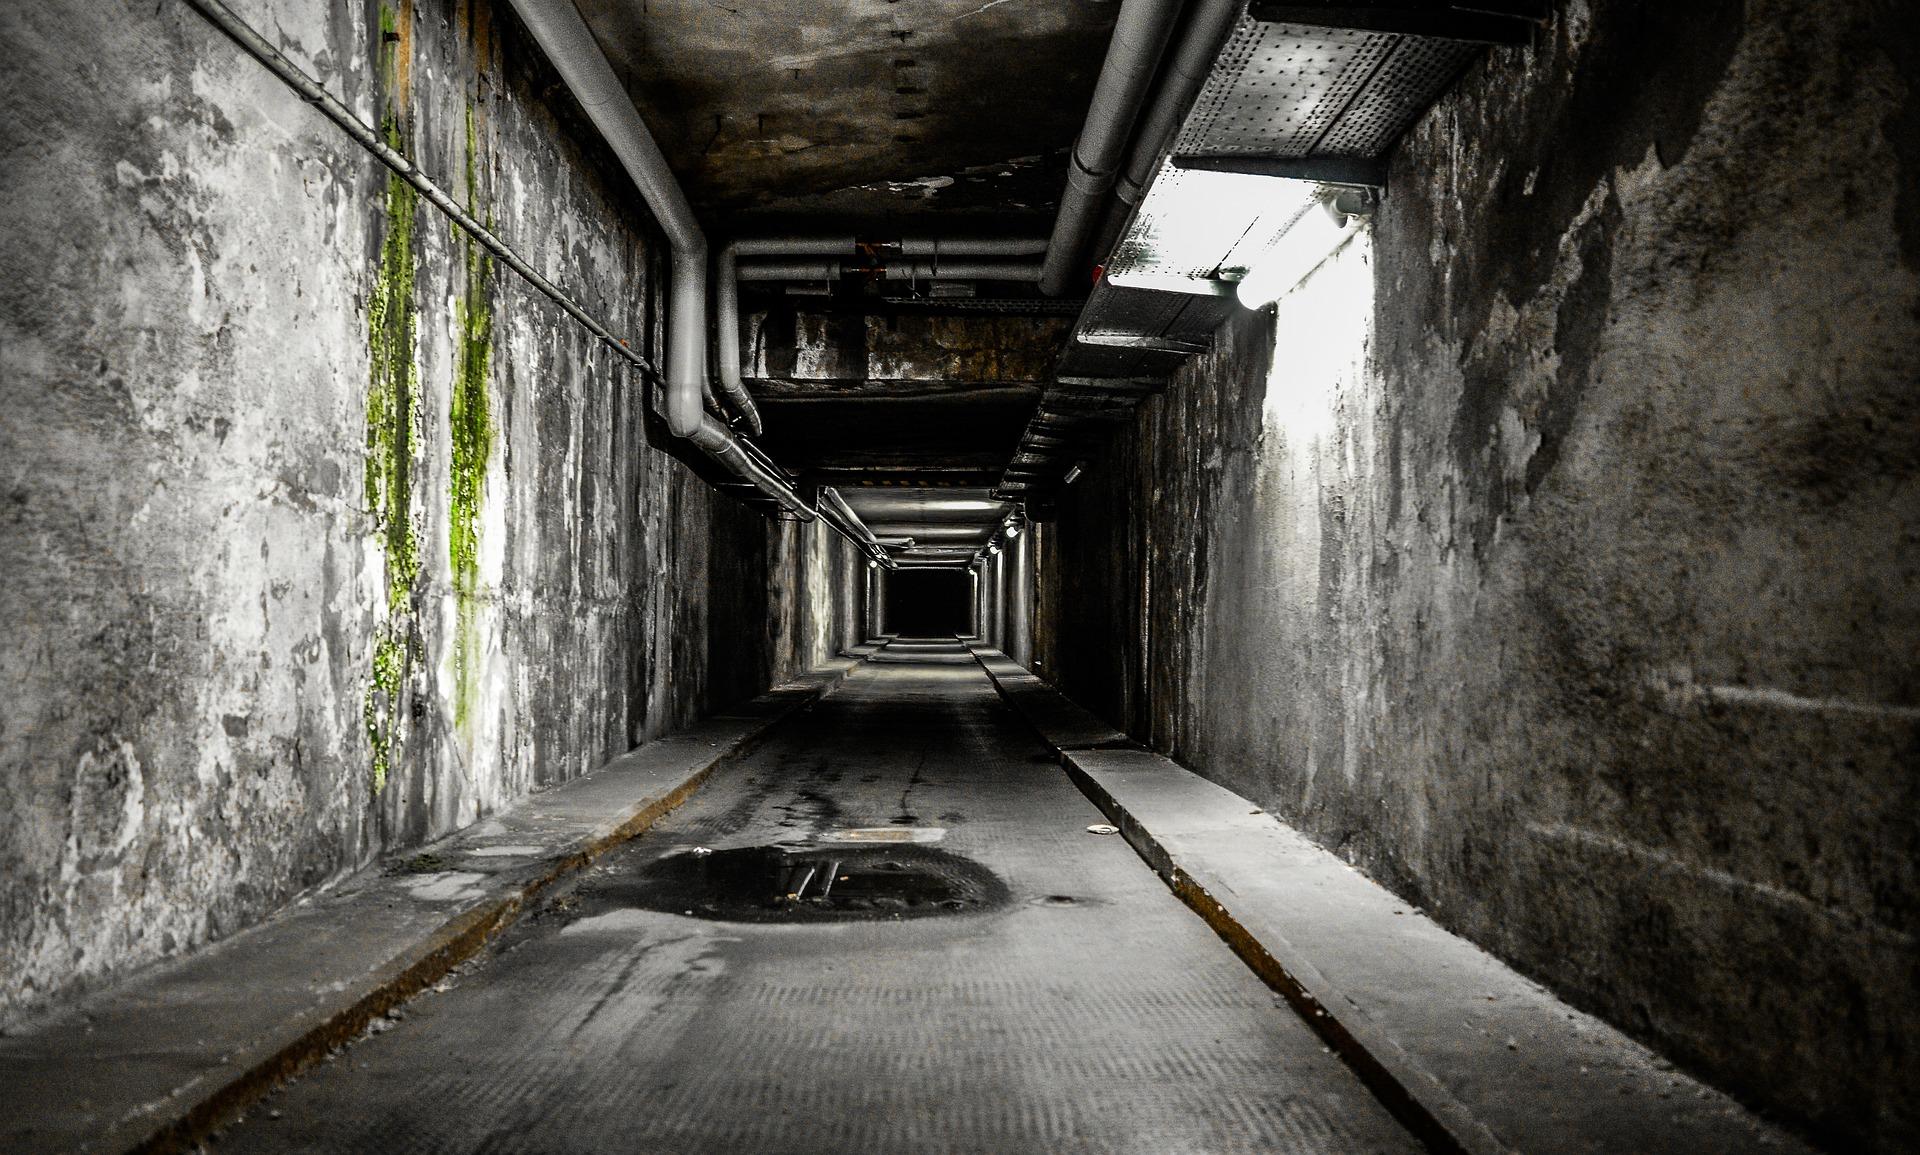 πέρασμα, σήραγγα, ψύχρα, ο φόβος, σκοτάδι - Wallpapers HD - Professor-falken.com